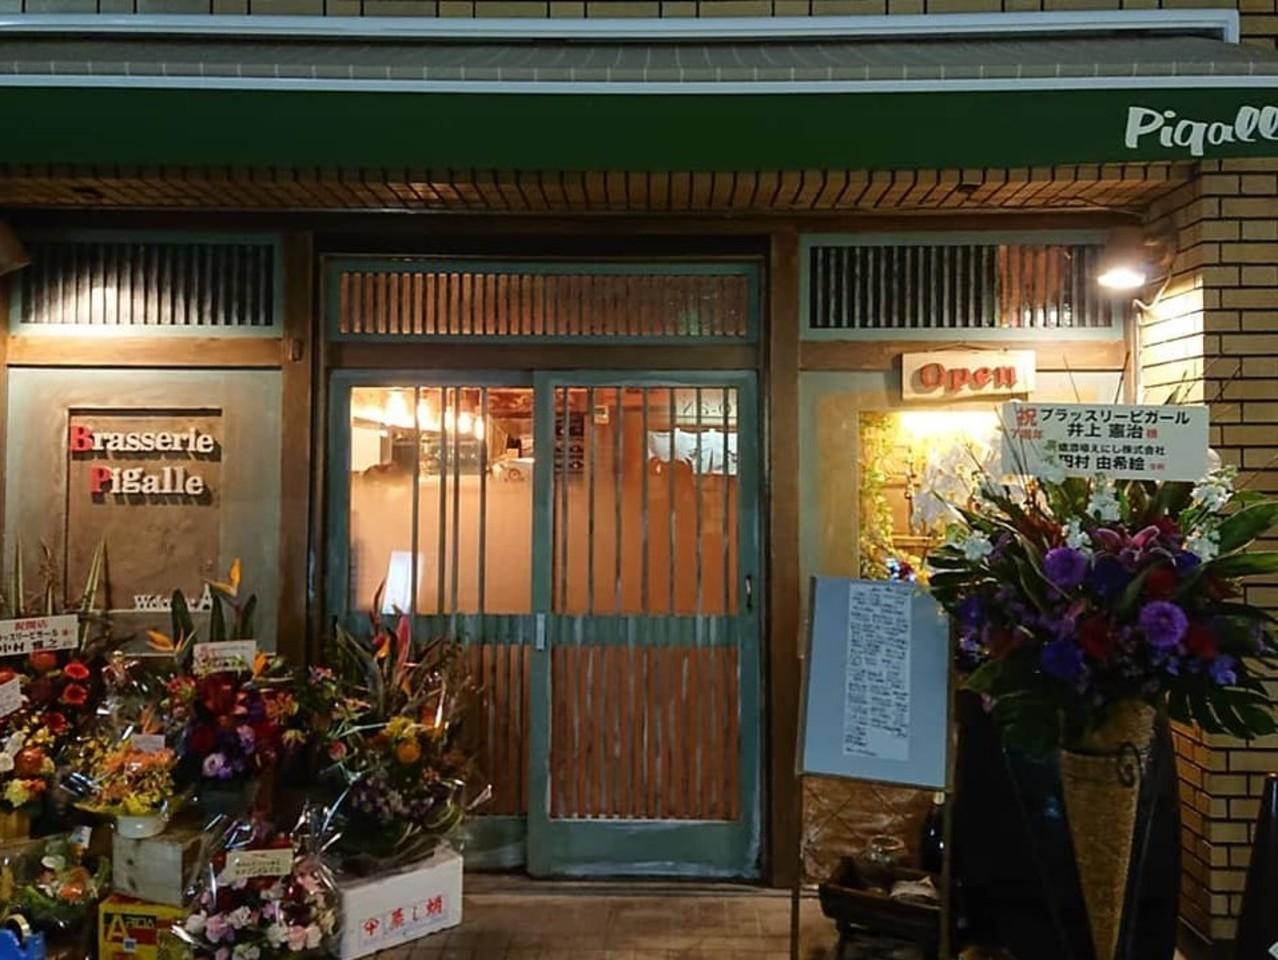 神奈川県横浜市中区花咲町に「ブラッスリーピガール」が11/11グランドオープンされたようです。